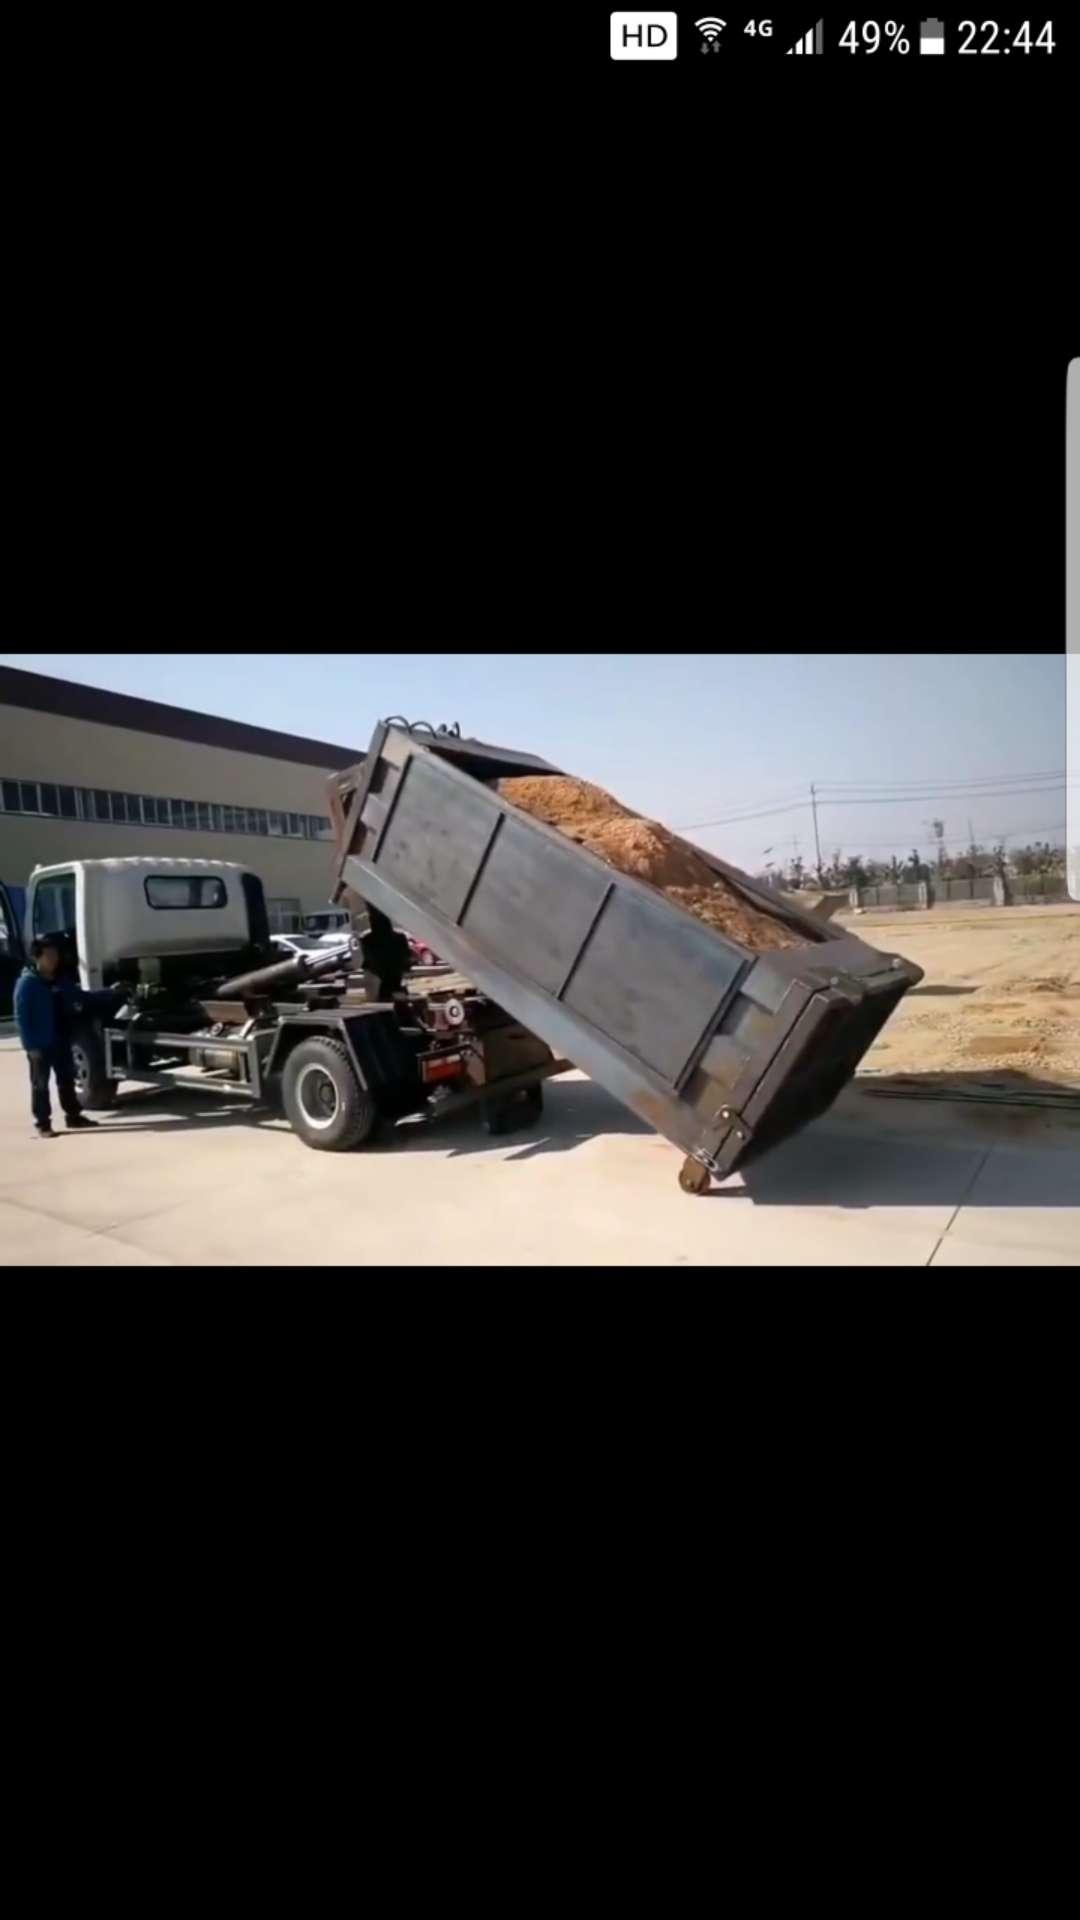 东风小多利卡勾臂(伸缩臂)垃圾车价格视频视频